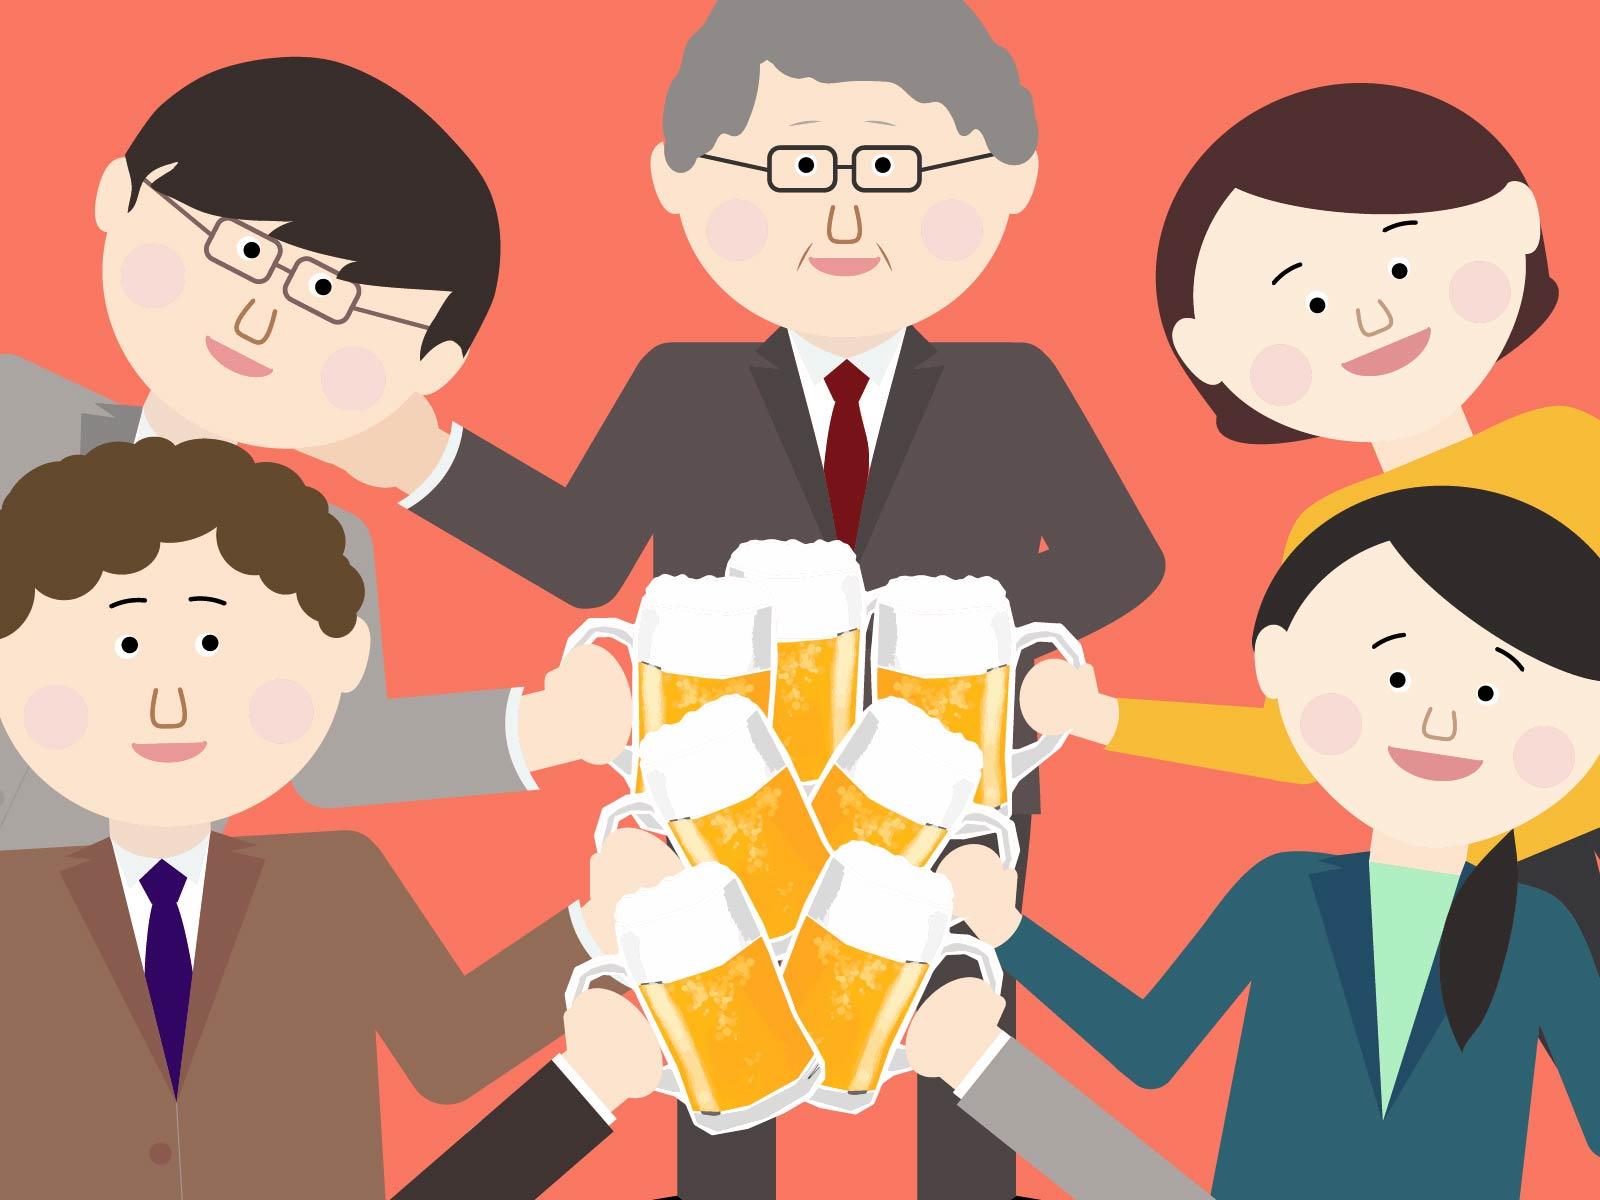 【忘年会ゲームレク 15選】デイサービスでおすすめ!!高齢者向けゲームネタを紹介